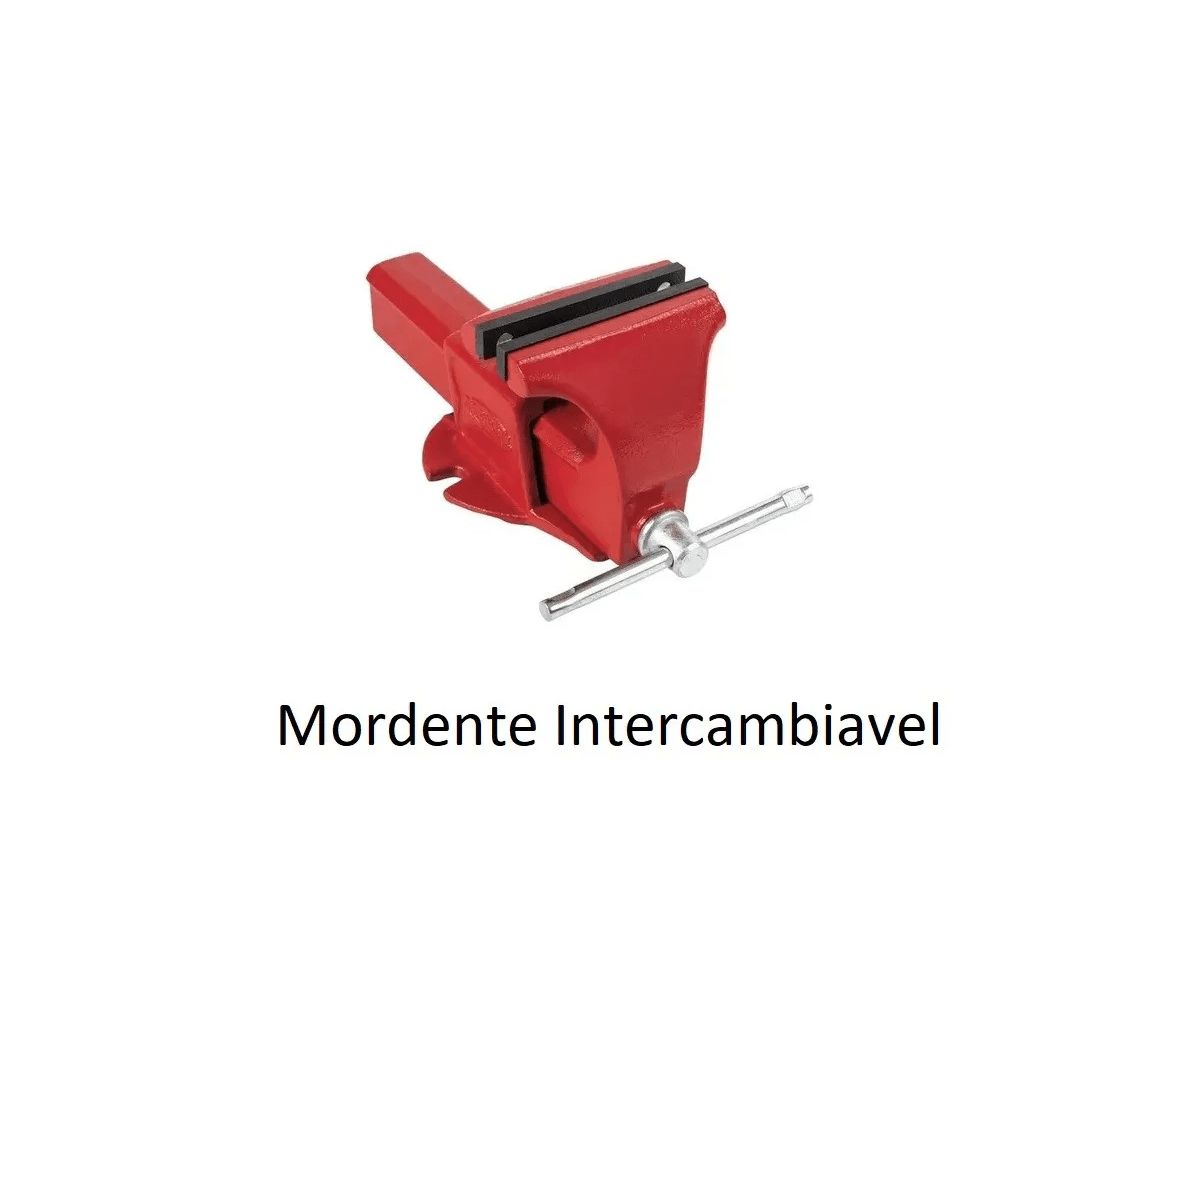 Morsa Torno de Bancada Nr2 Mordente Intercambiável Metalsul